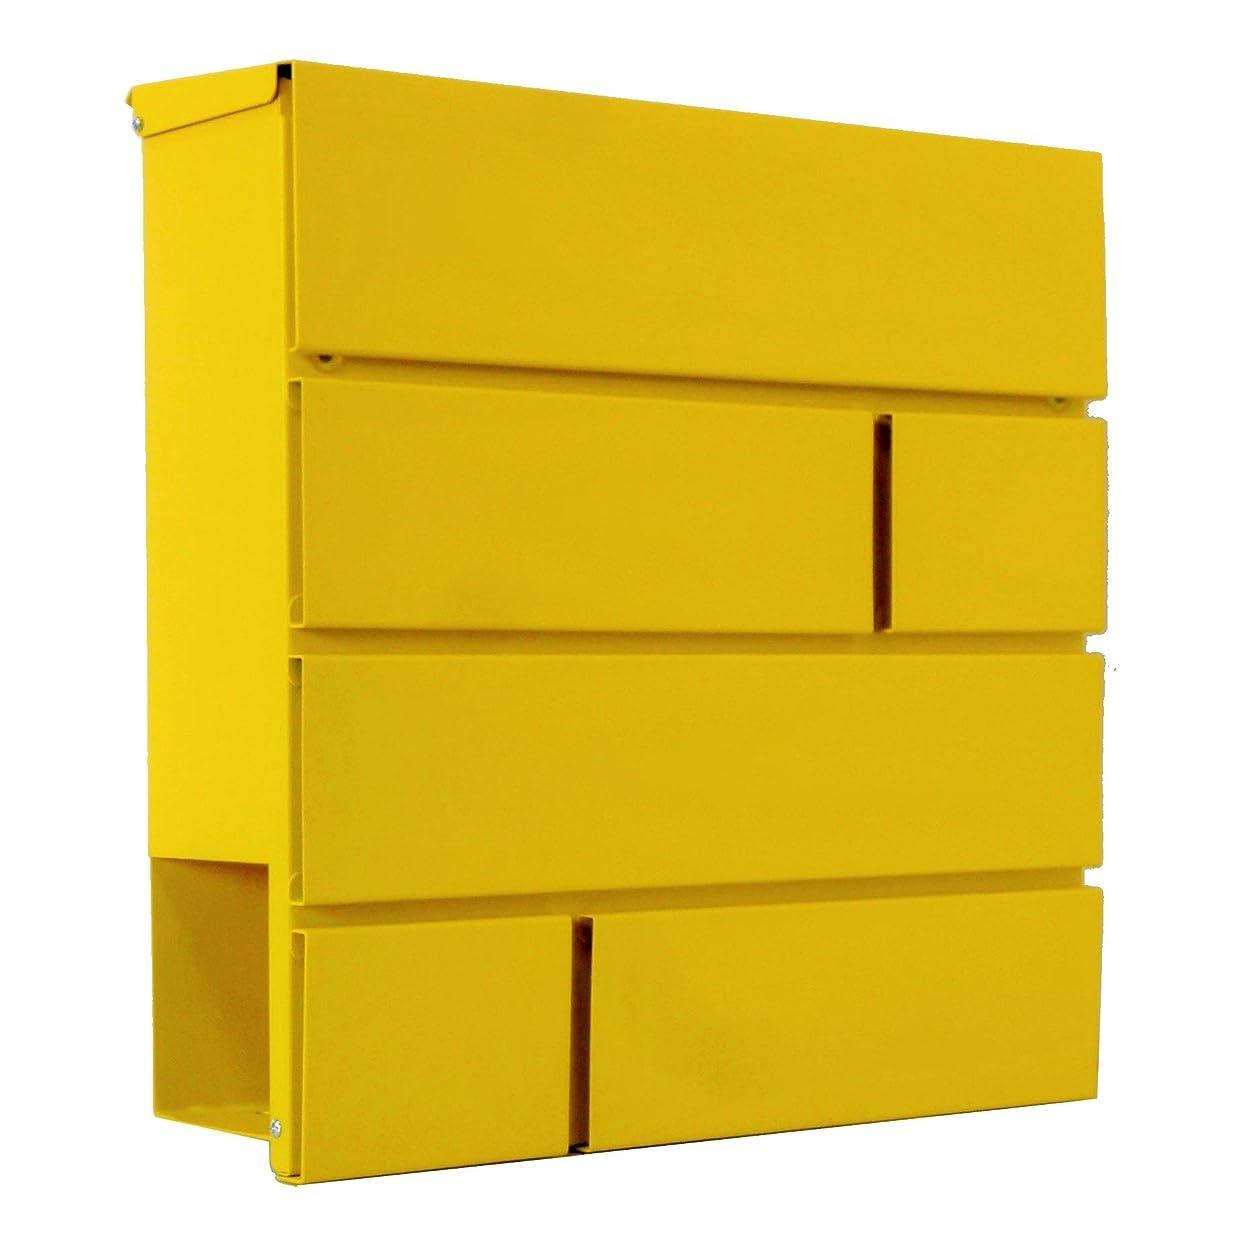 抵抗力があるソロ例外おしゃれな郵便ポスト郵便受けmailbox大型 鍵付きマグネット付きイエロー黄色ポストpm234